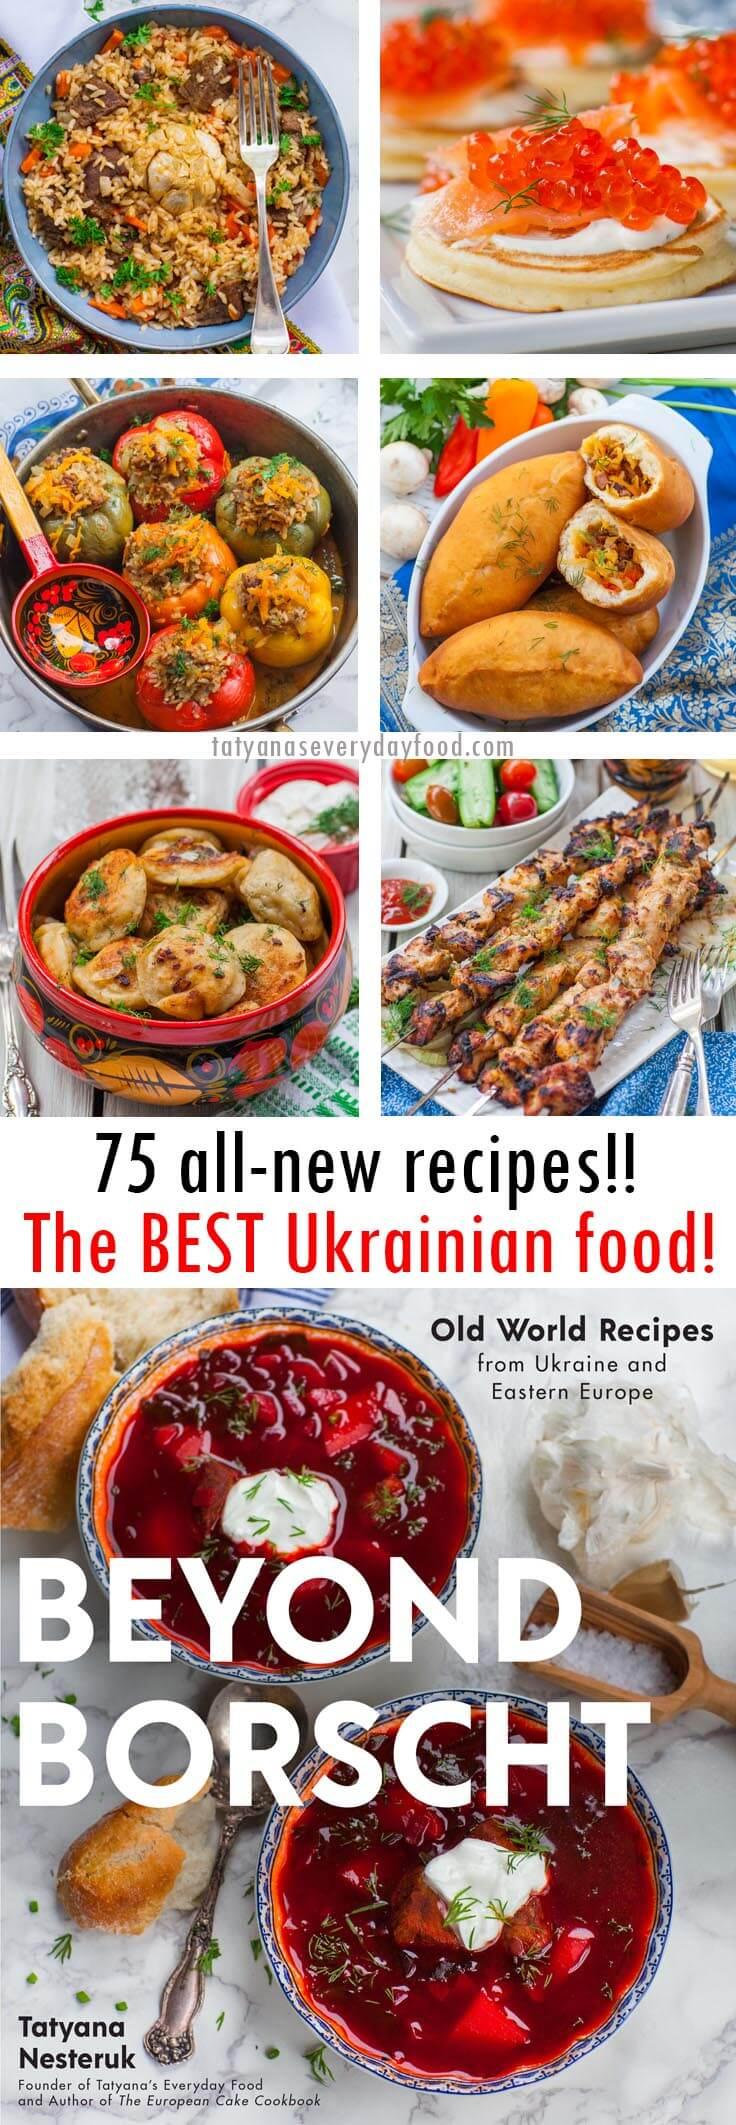 Beyond Borscht Ukrainian cookbook